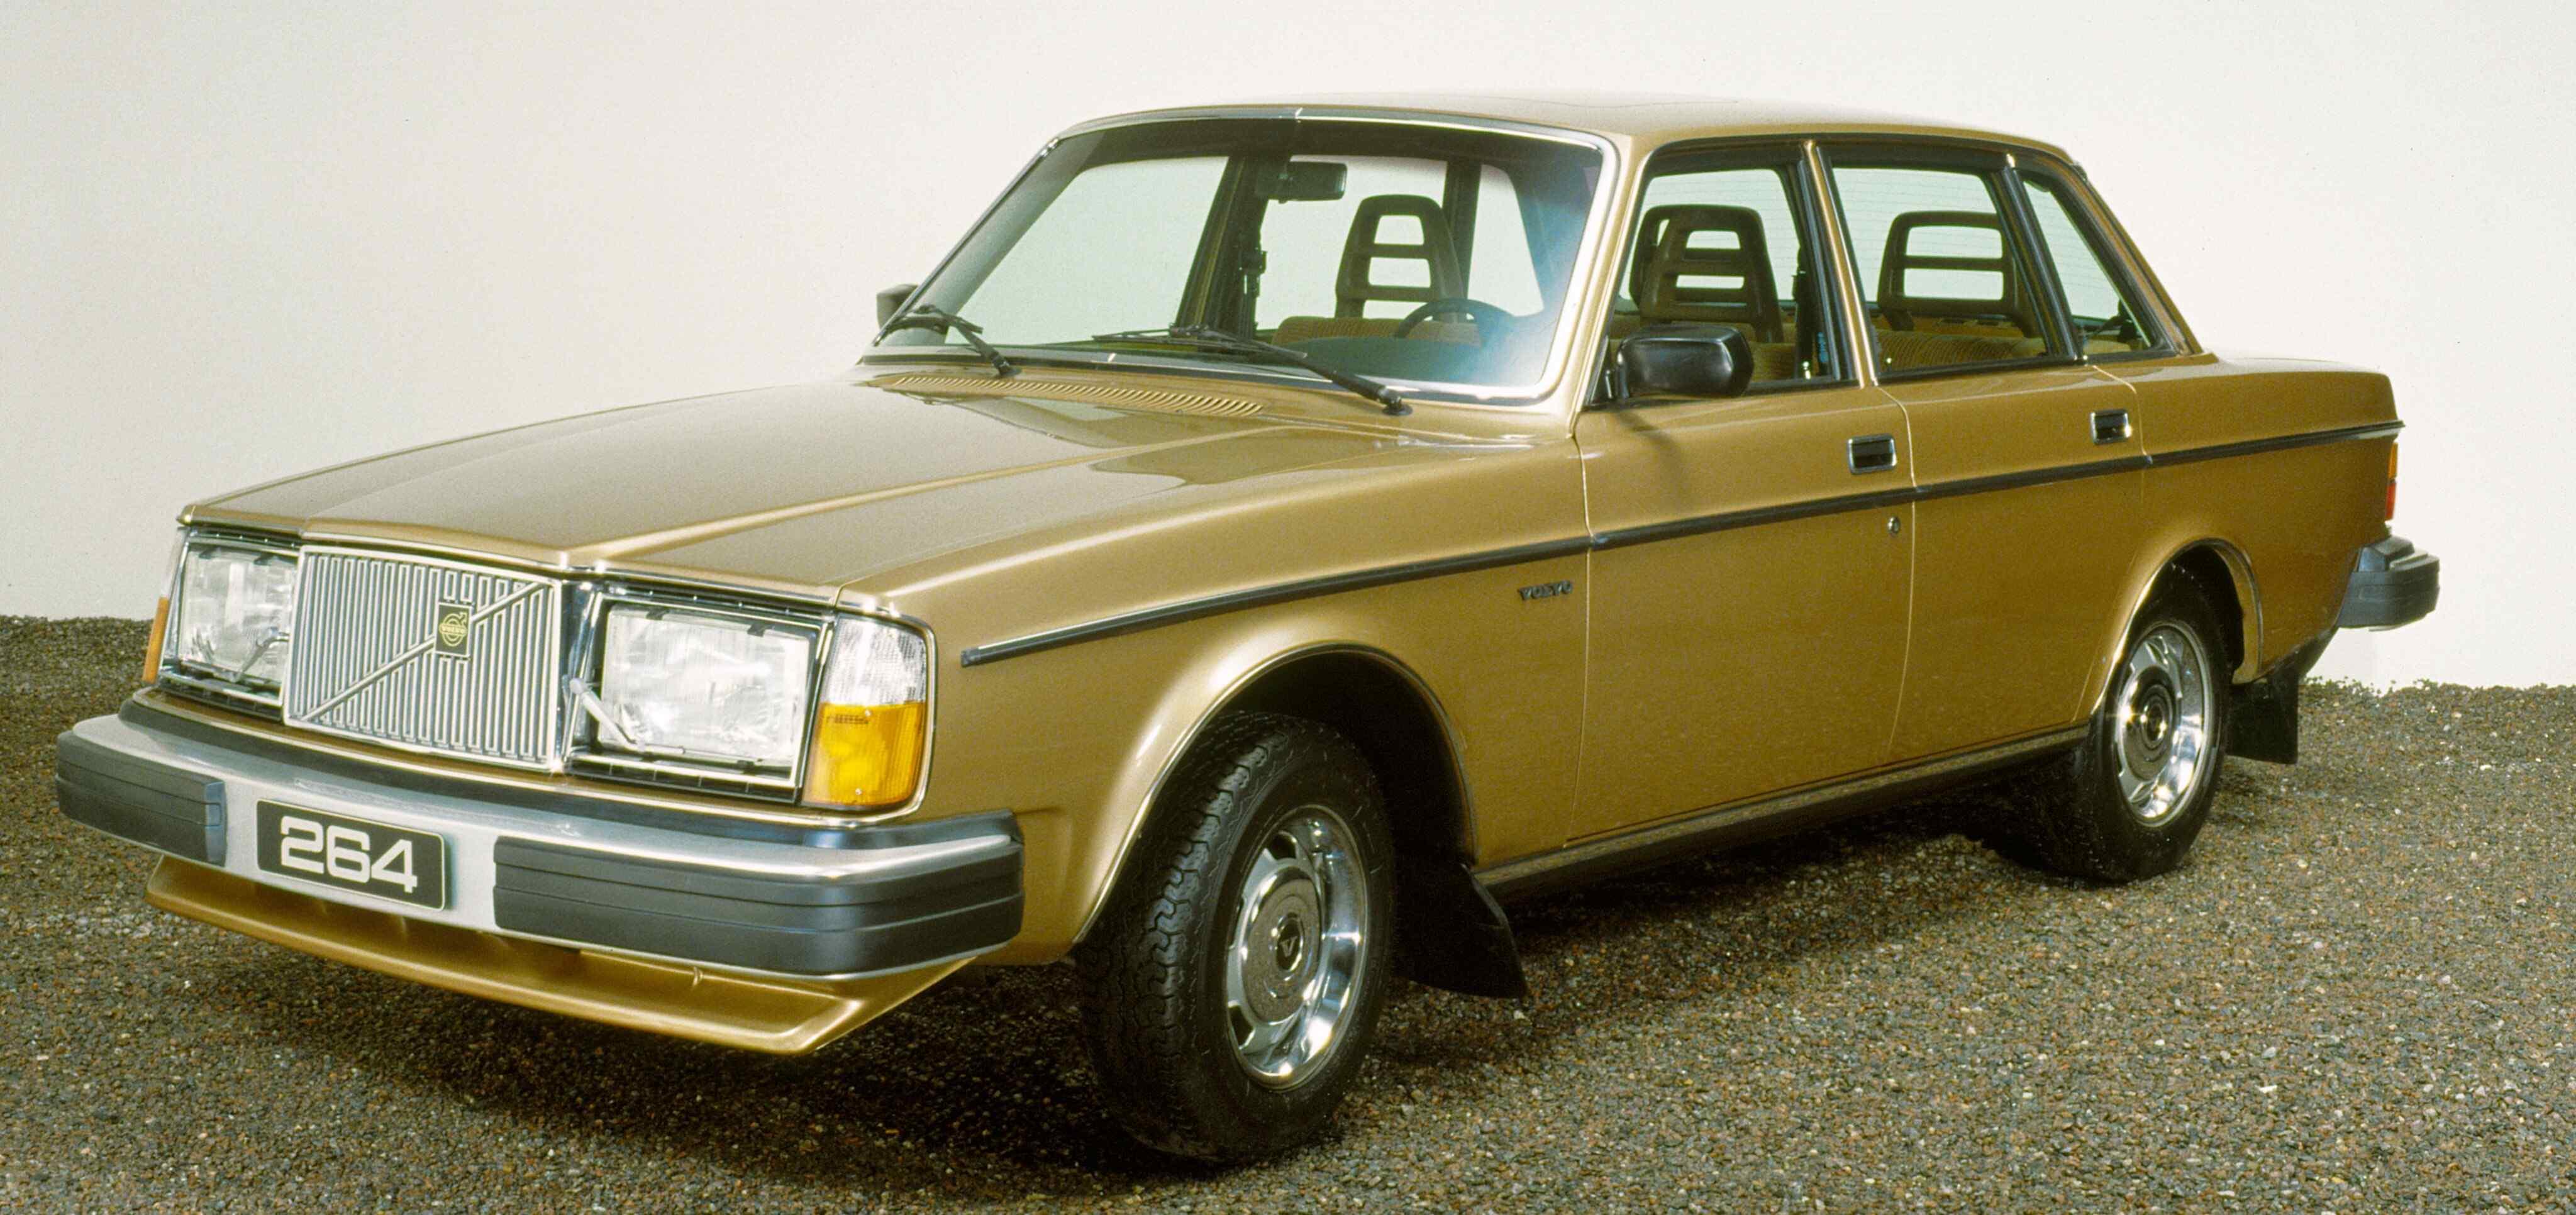 Un Volvo 264 aparcado junto a un muro blanco